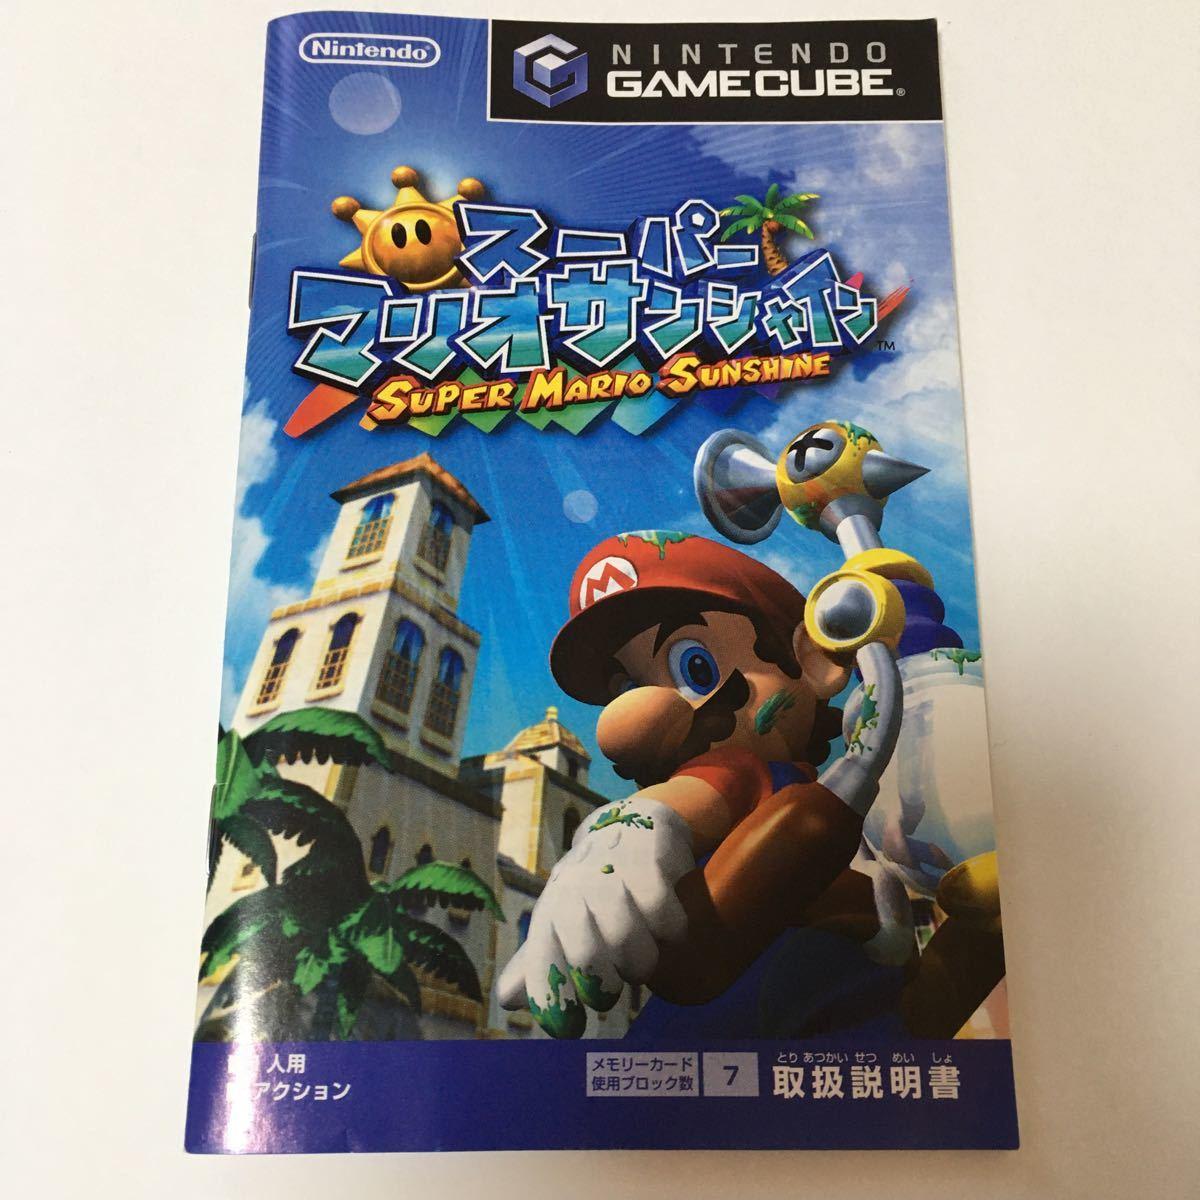 ゲームキューブ ソフト スーパーマリオサンシャイン 動作確認済み 任天堂 カセット ディスク マリオ ゲーム レトロ